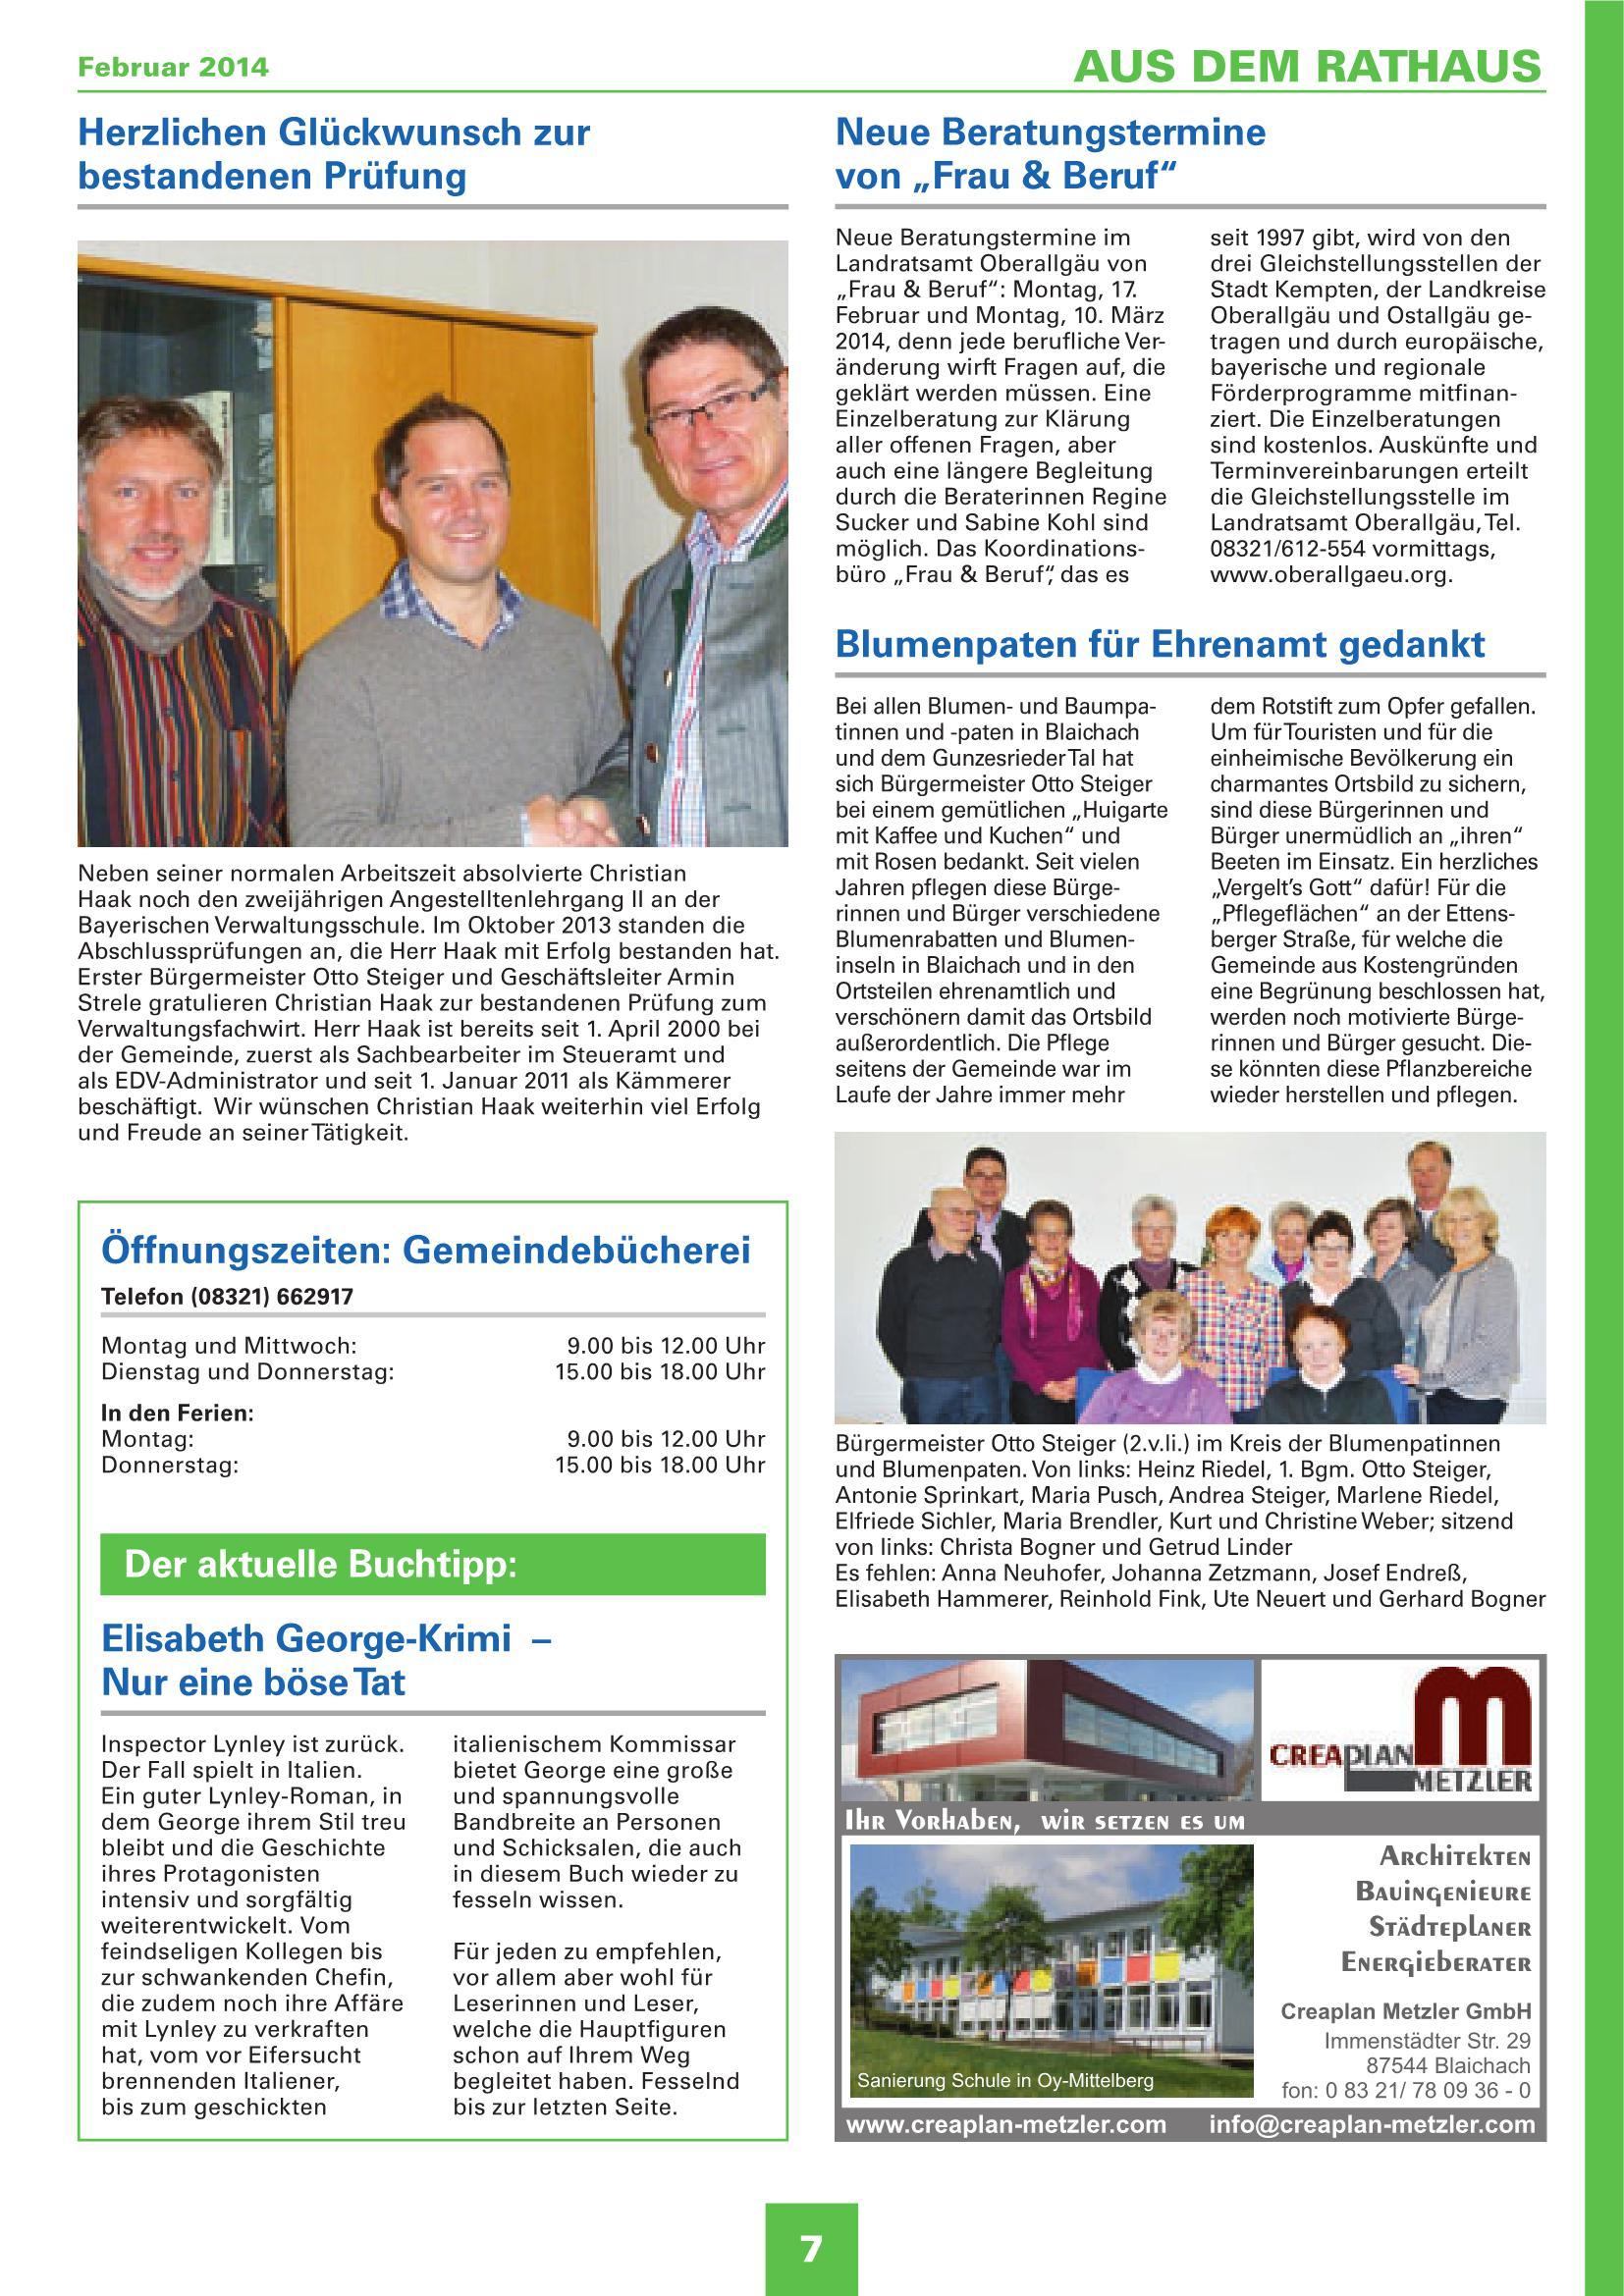 Mitteilungsblatt Februar 2014